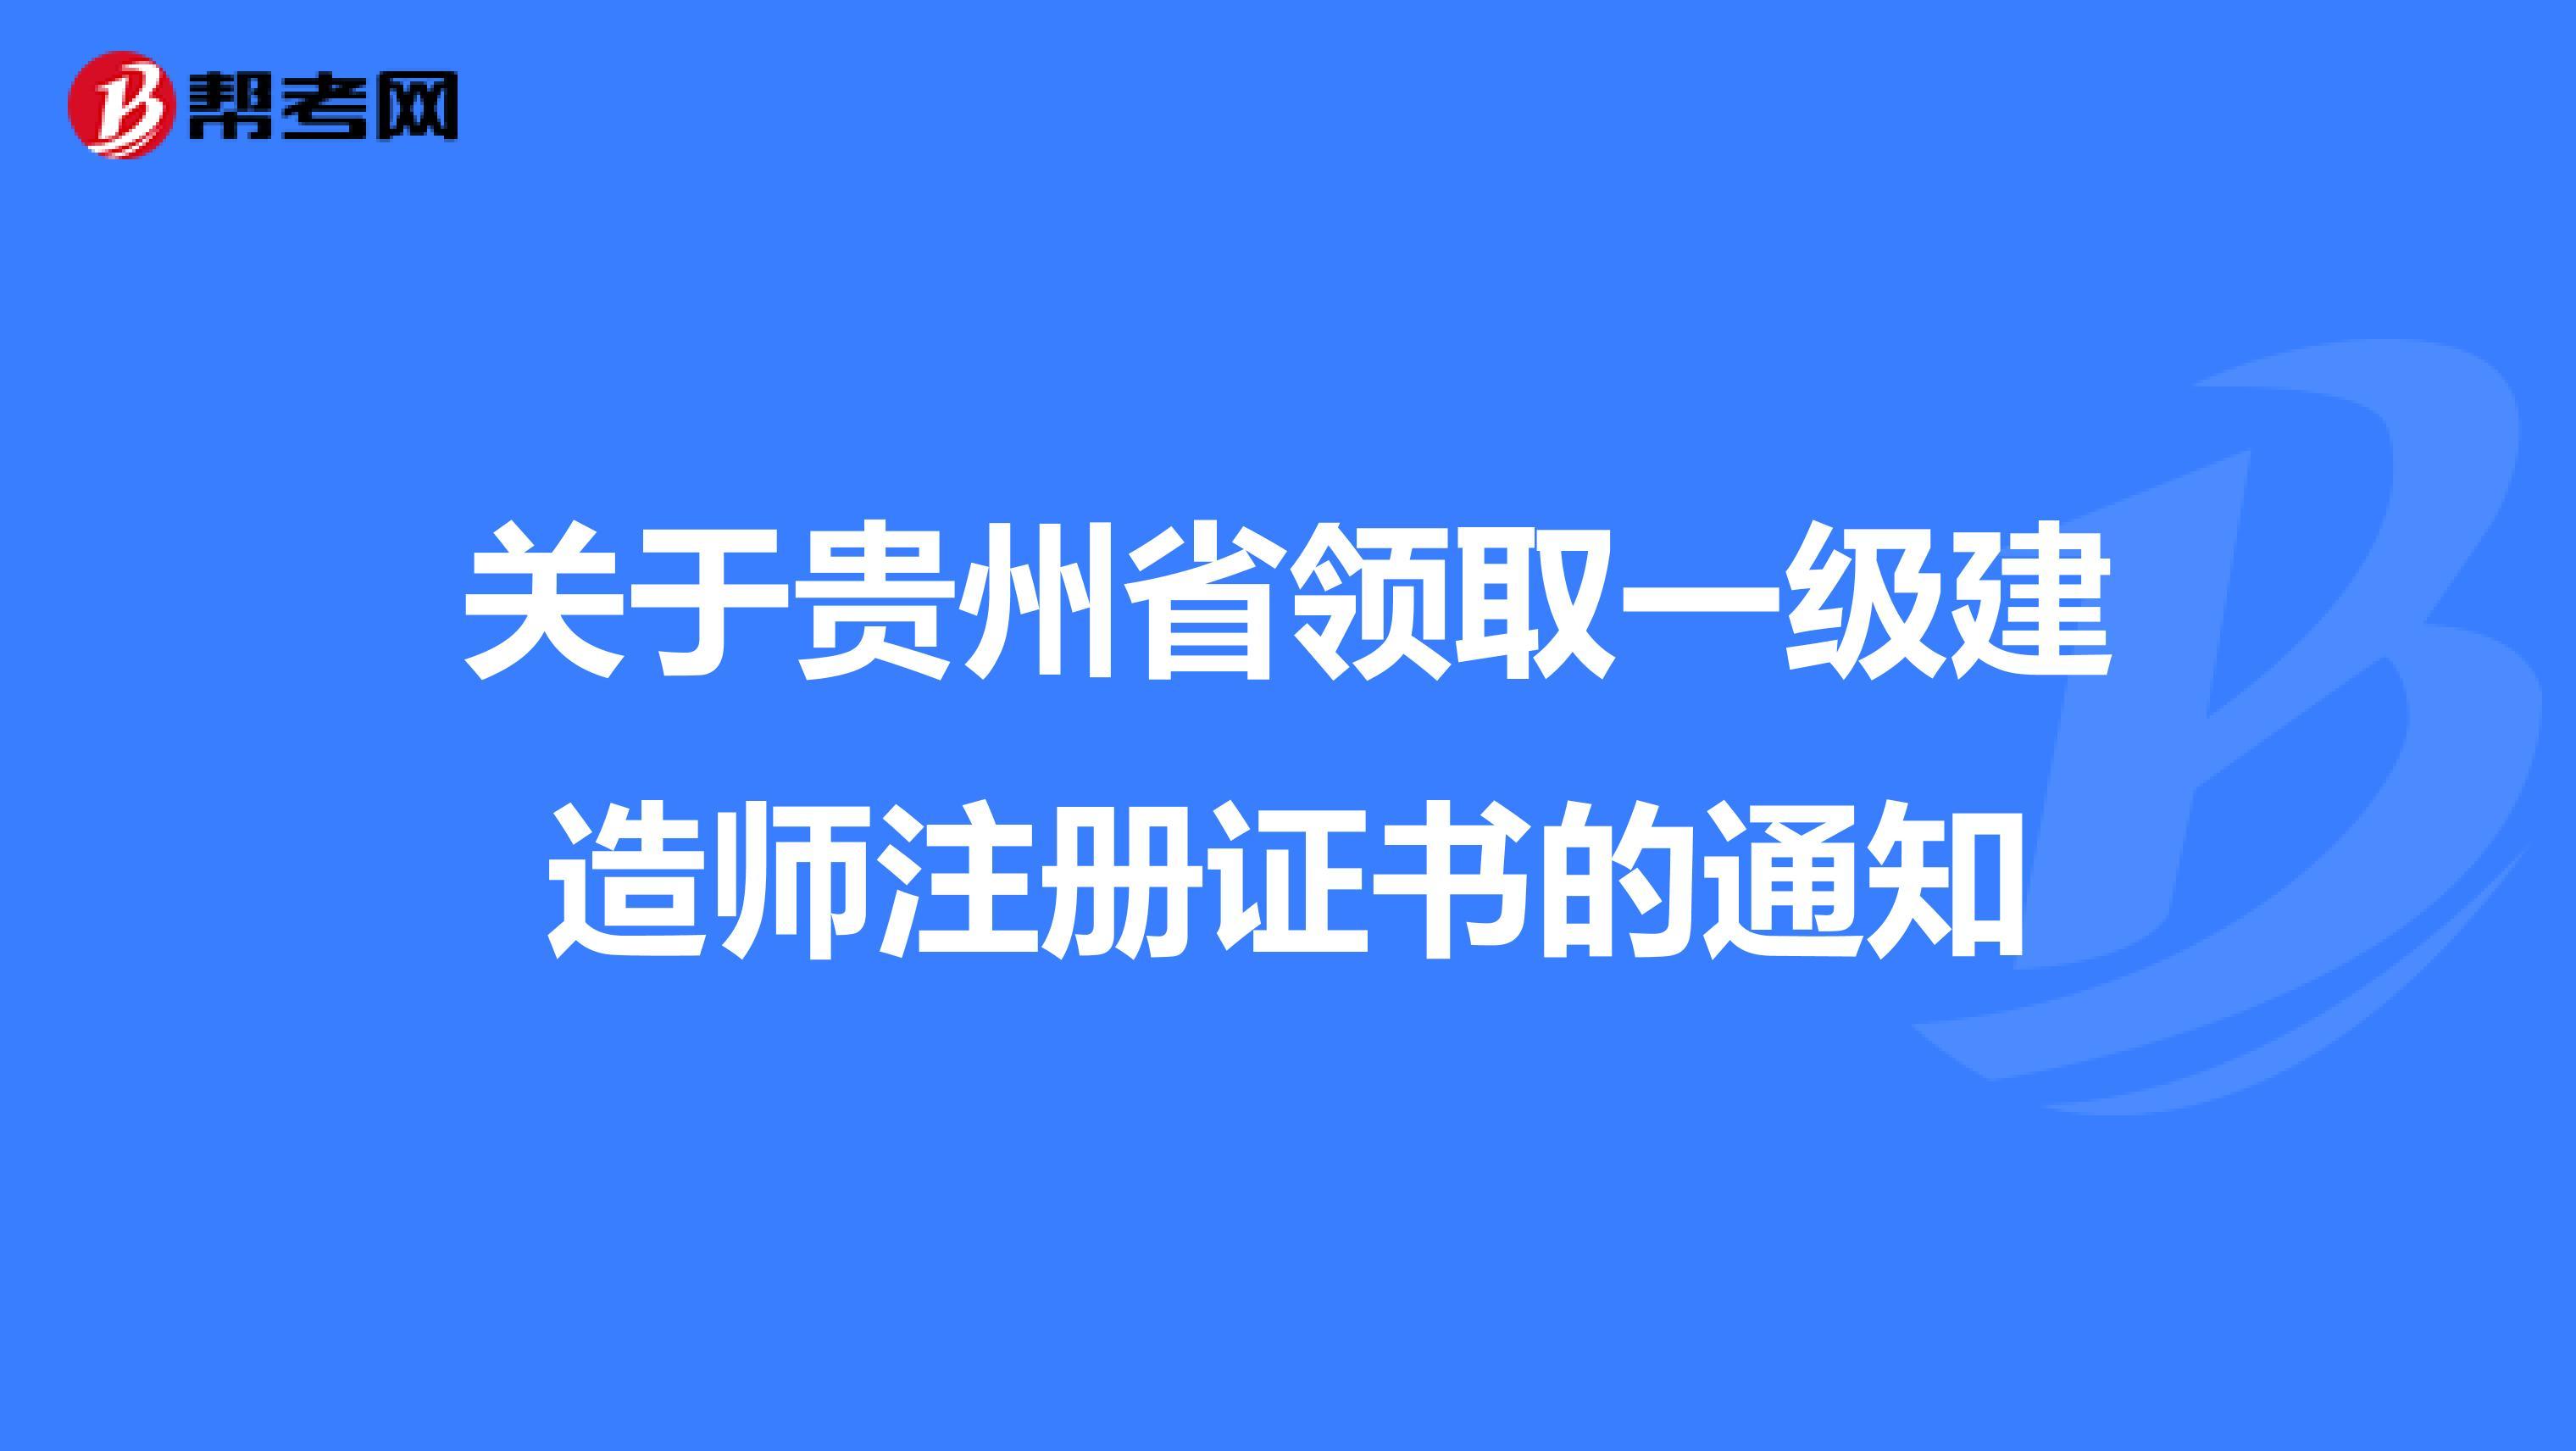 关于贵州省领取一级建造师注册证书的通知